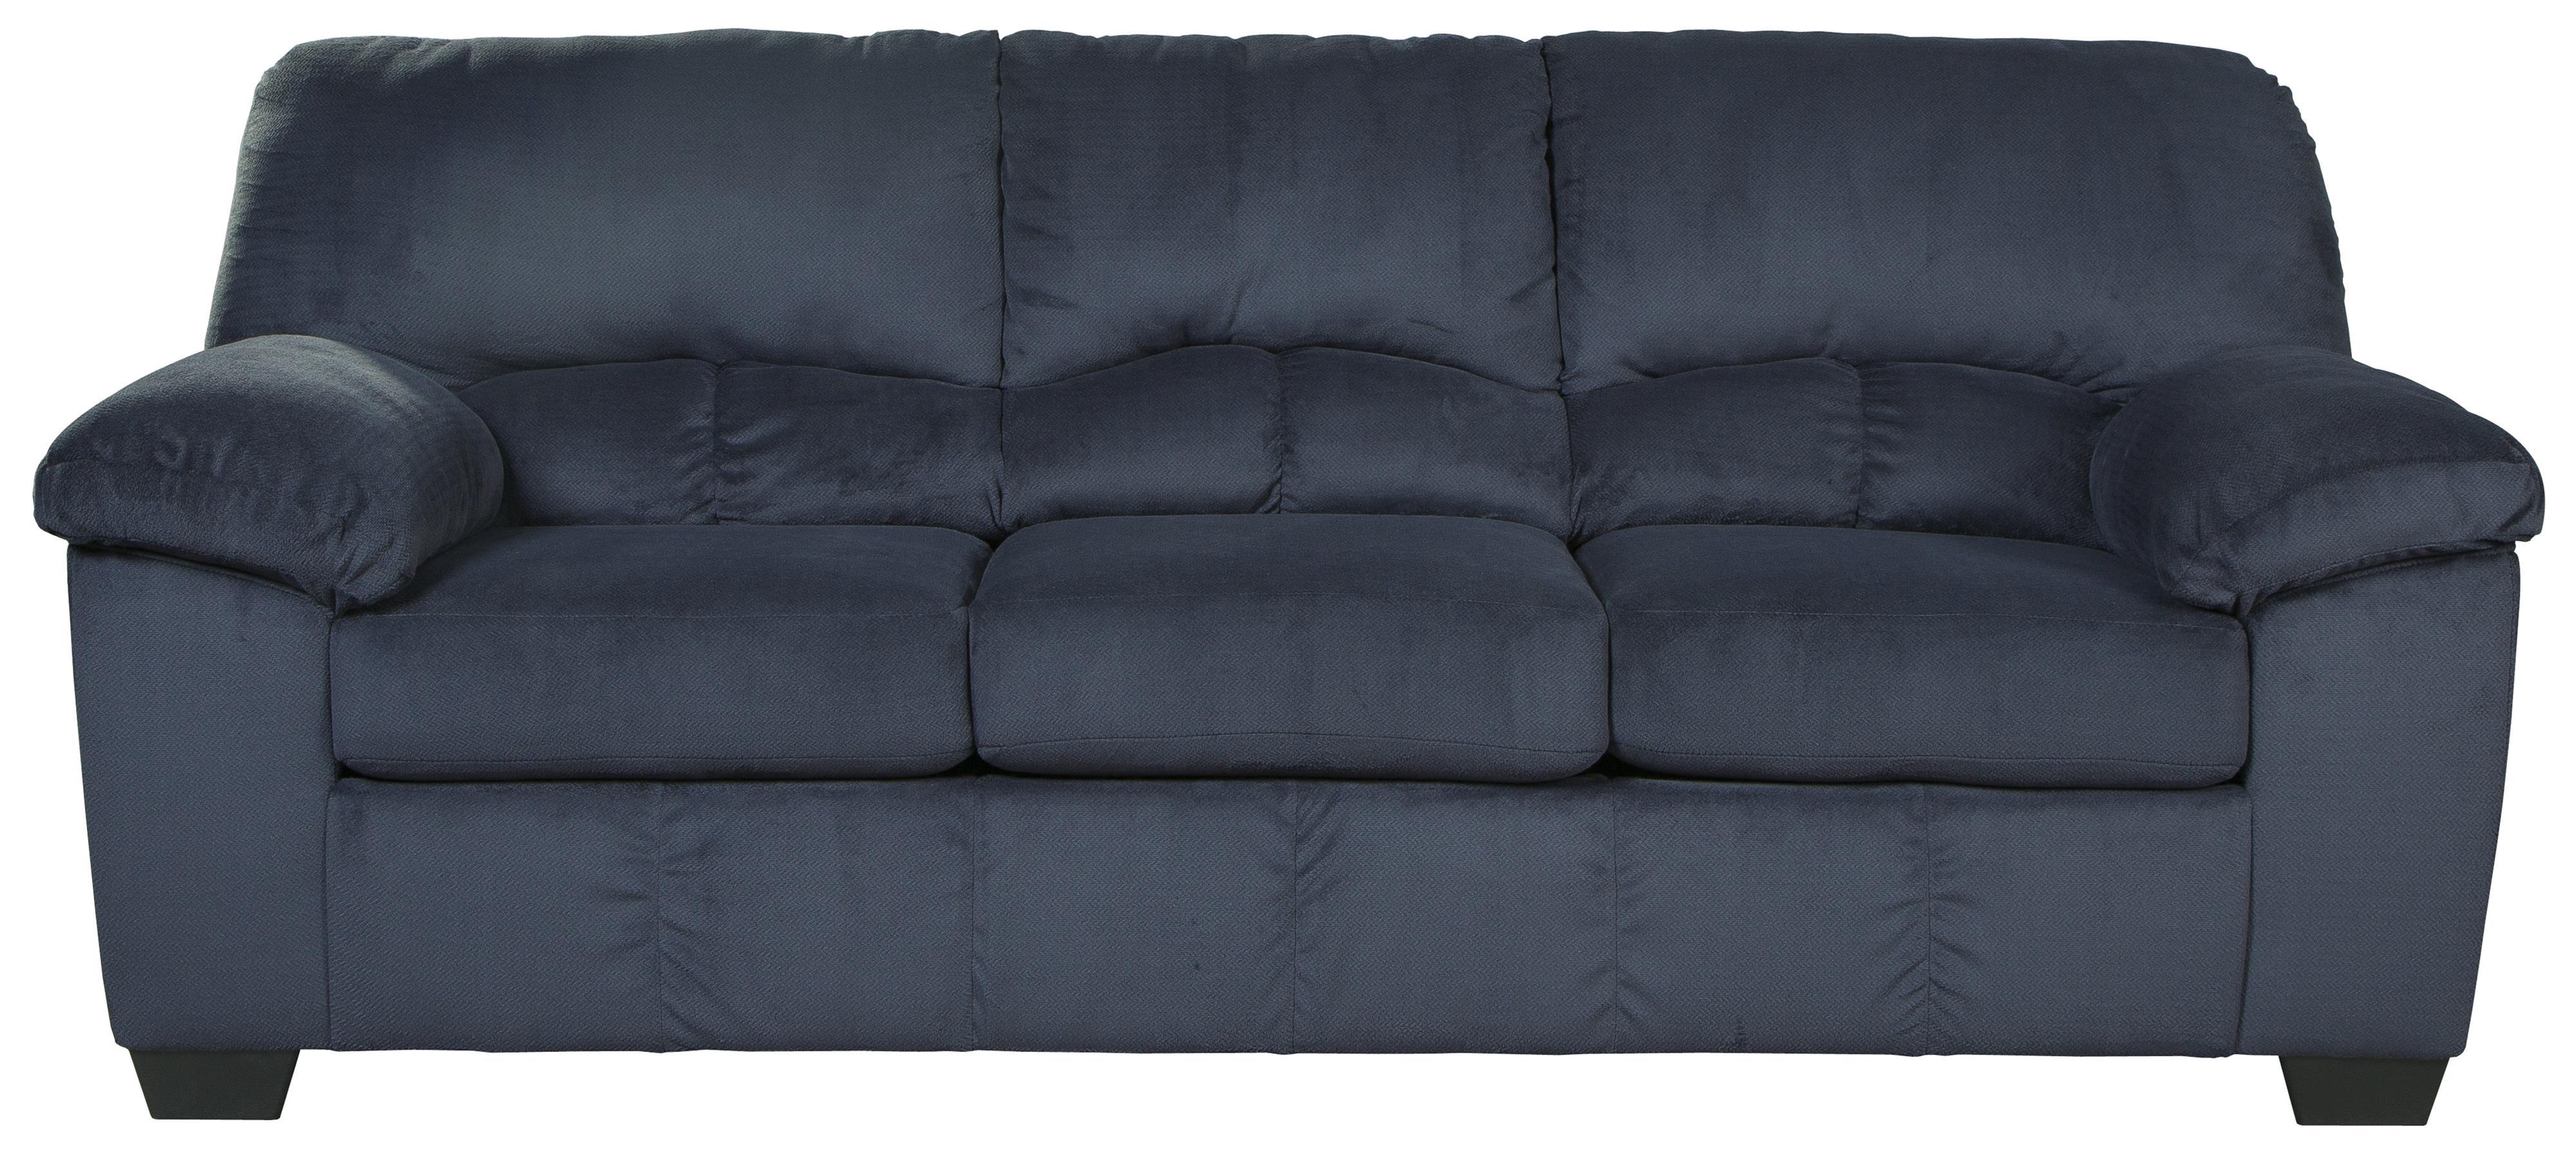 Casual Contemporary Full Sofa Sleeper